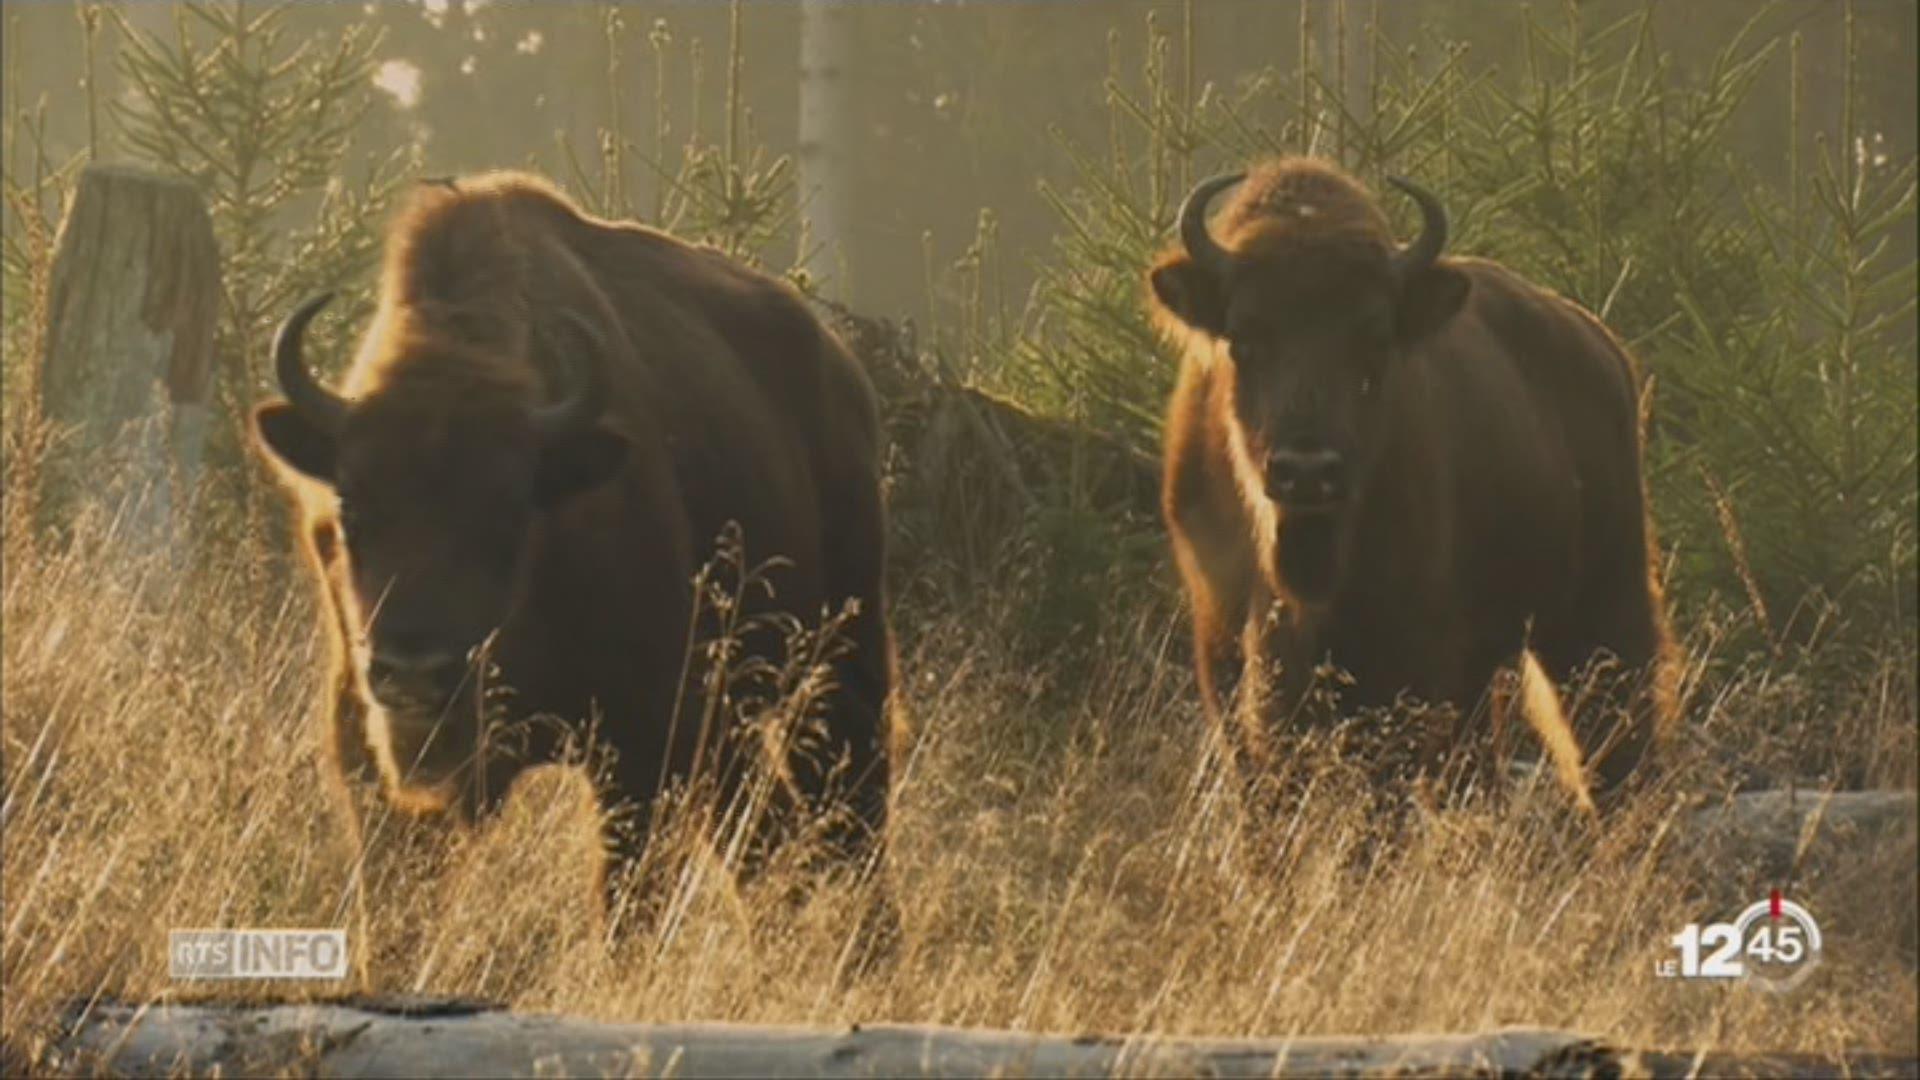 Des bisons à l\'état sauvage en Suisse, le rêve fou d\'un paysan bio ...